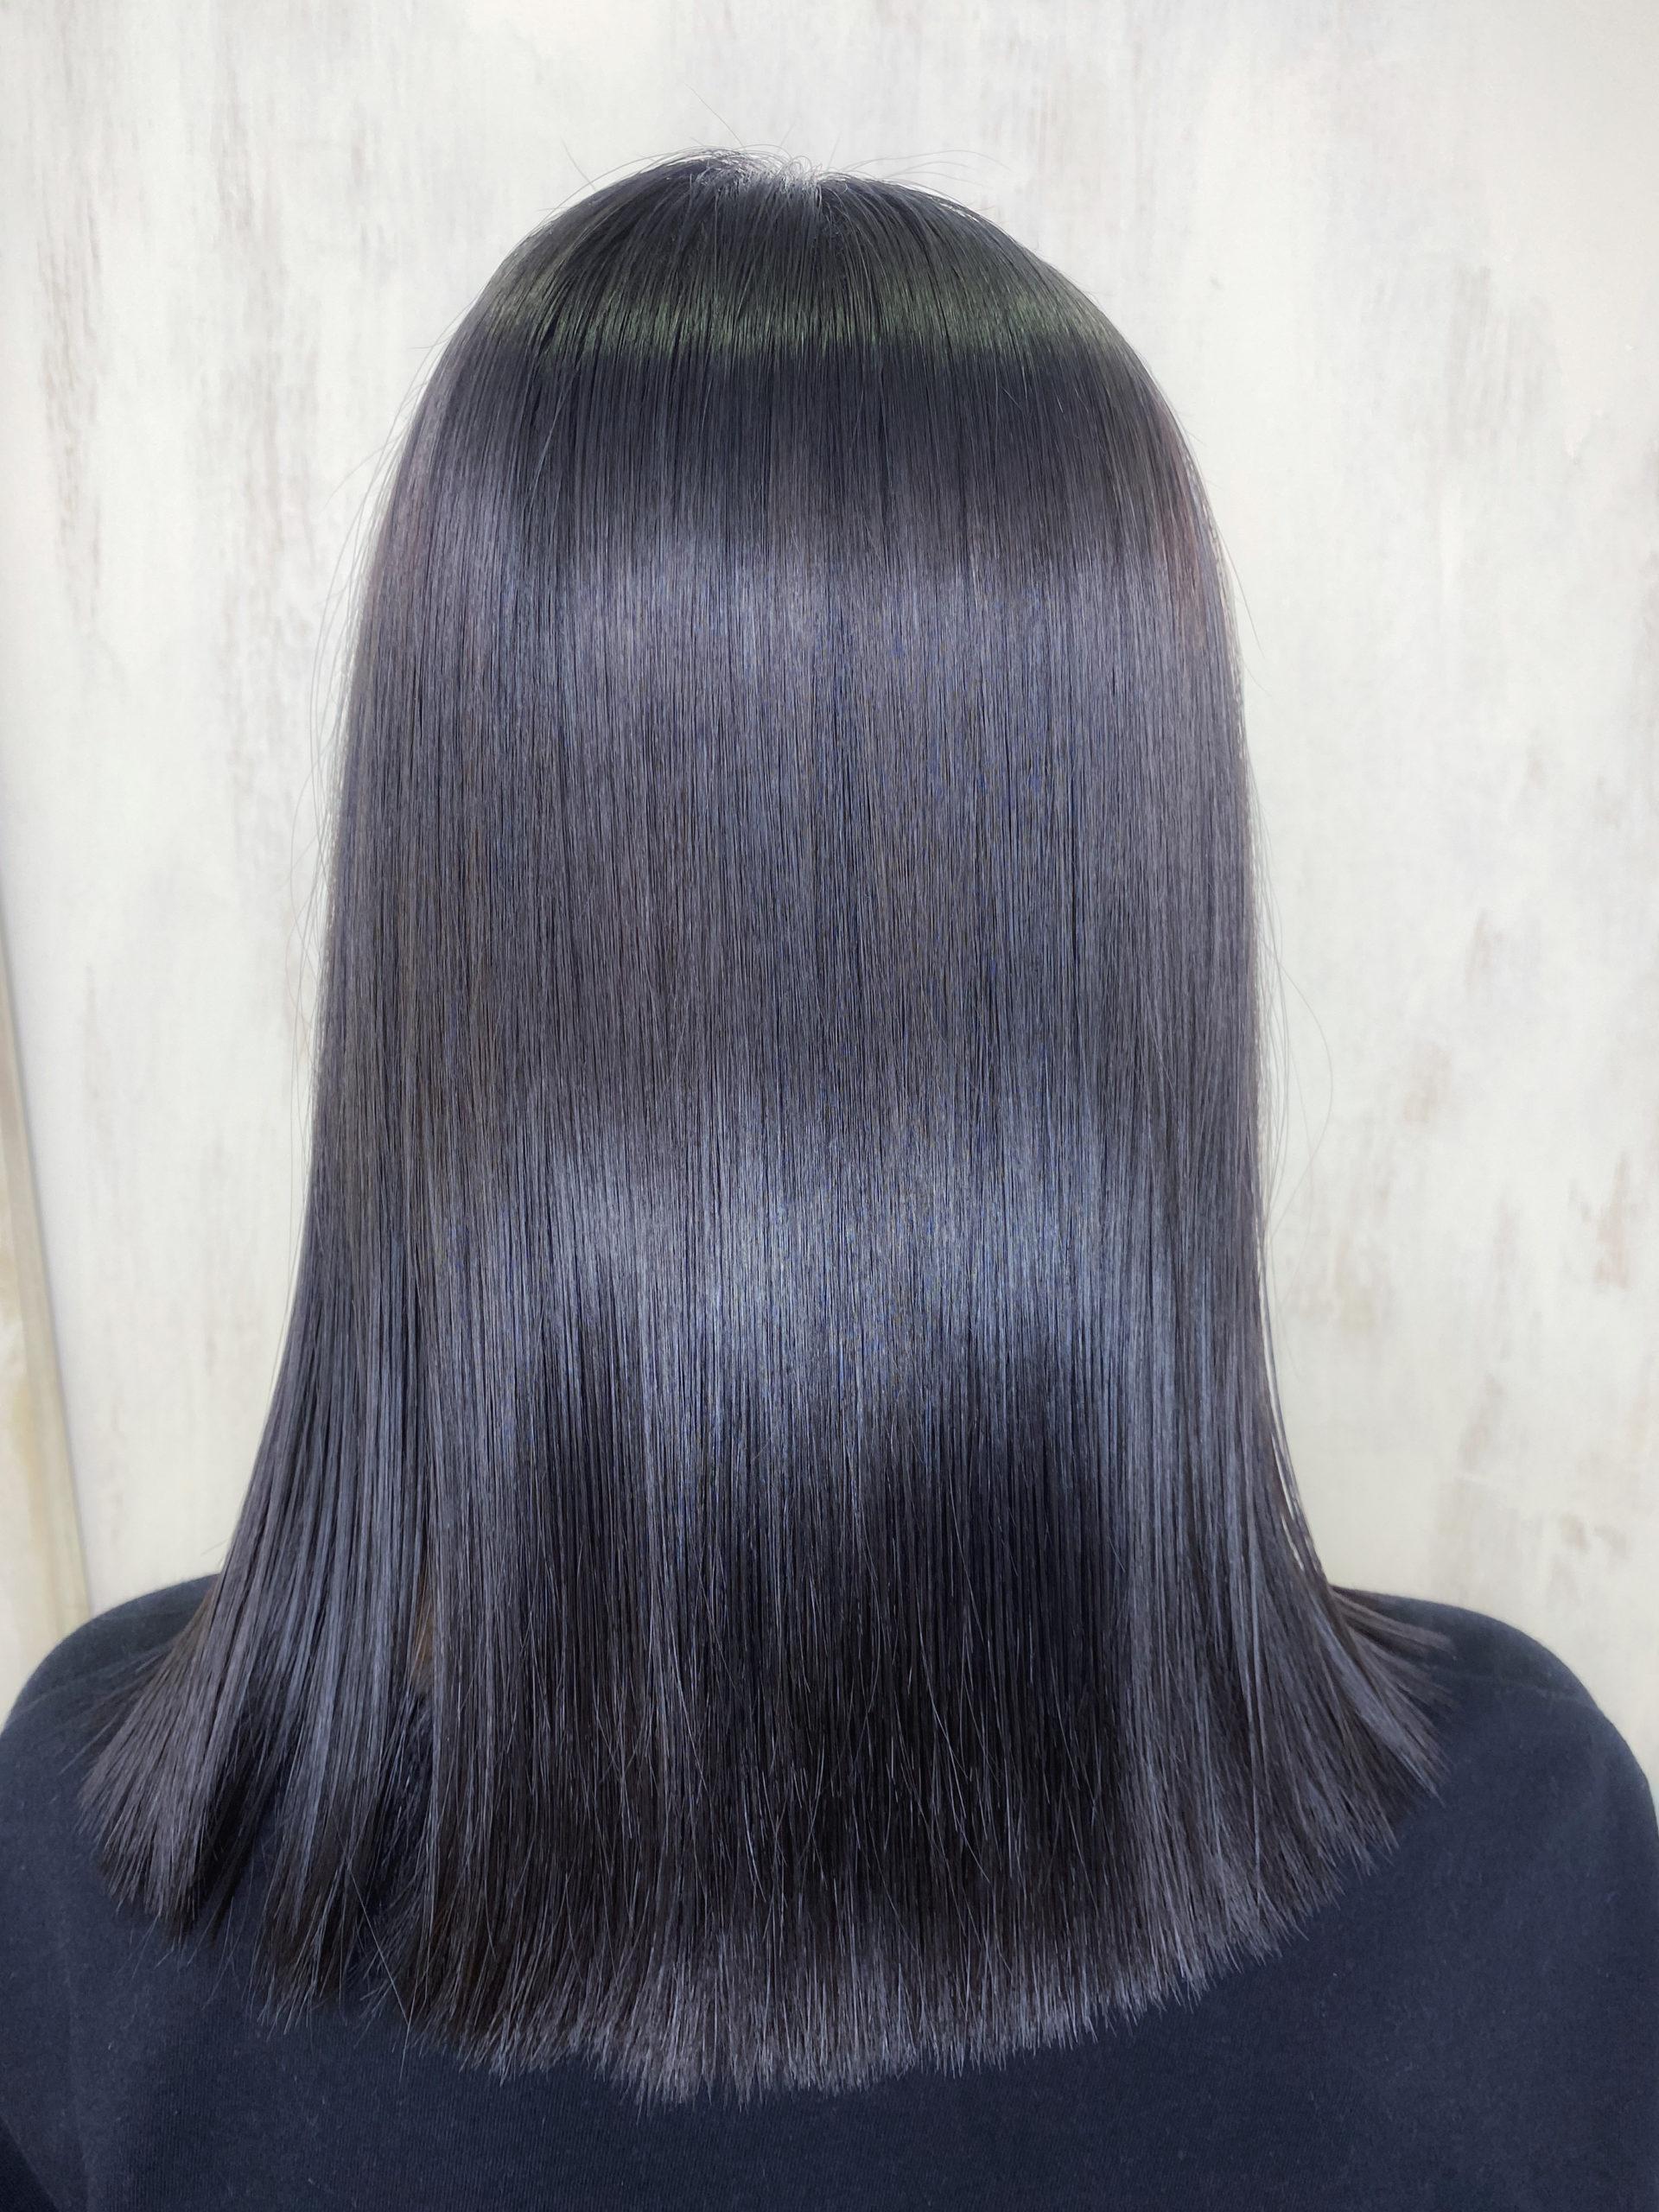 パーマをしている方をジュエリーシステムシリーズ×縮毛矯正で艶髪ストレートヘア。原宿・表参道『髪のお悩みを解決するヘアケア美容師の挑戦』